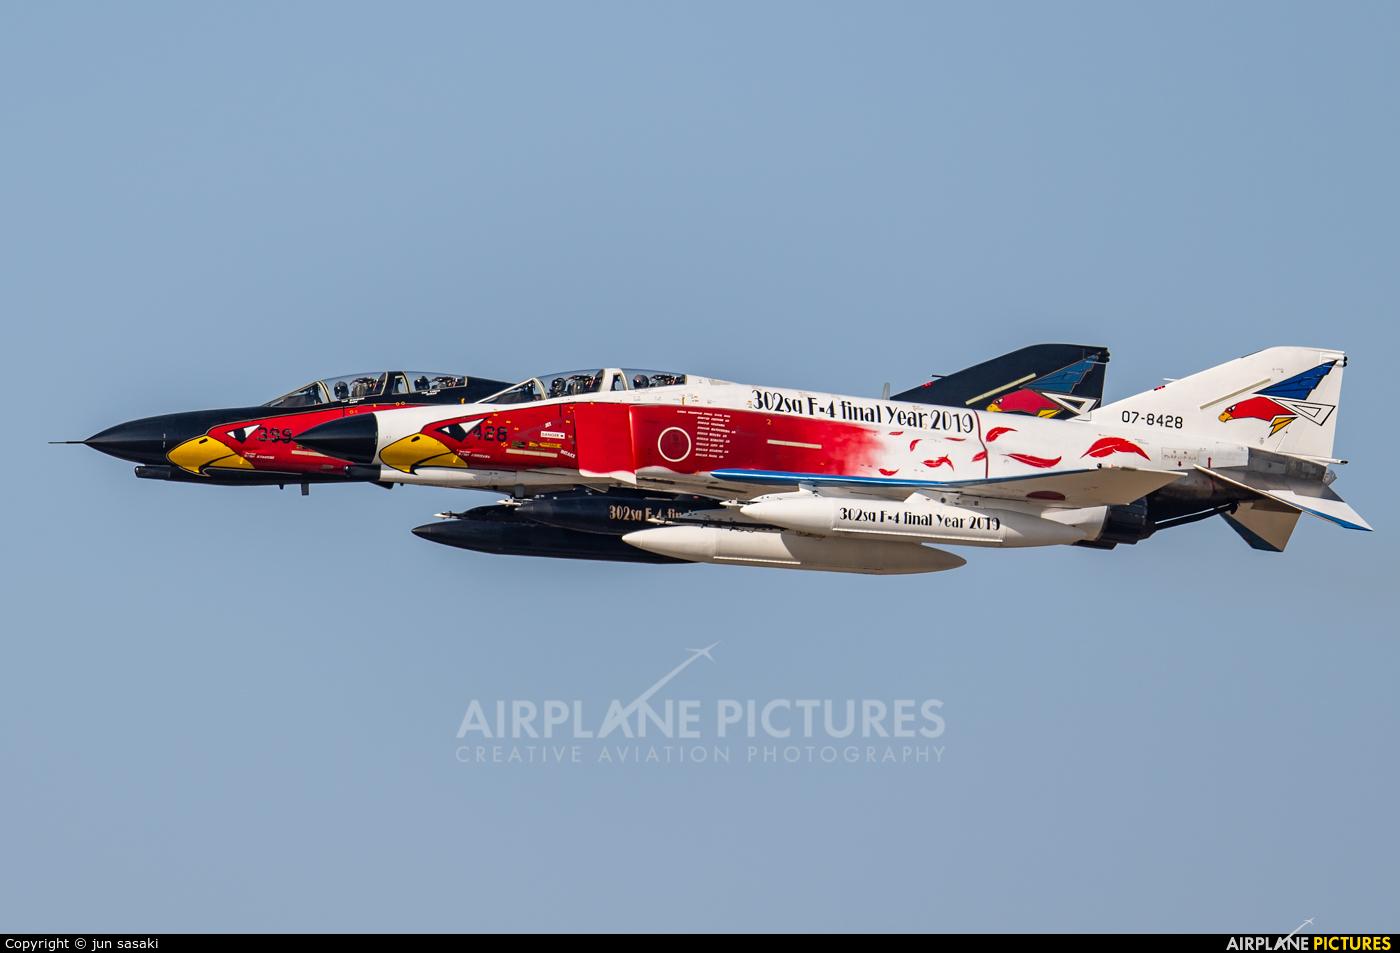 Japan - Air Self Defence Force 07-8428 aircraft at Ibaraki - Hyakuri AB